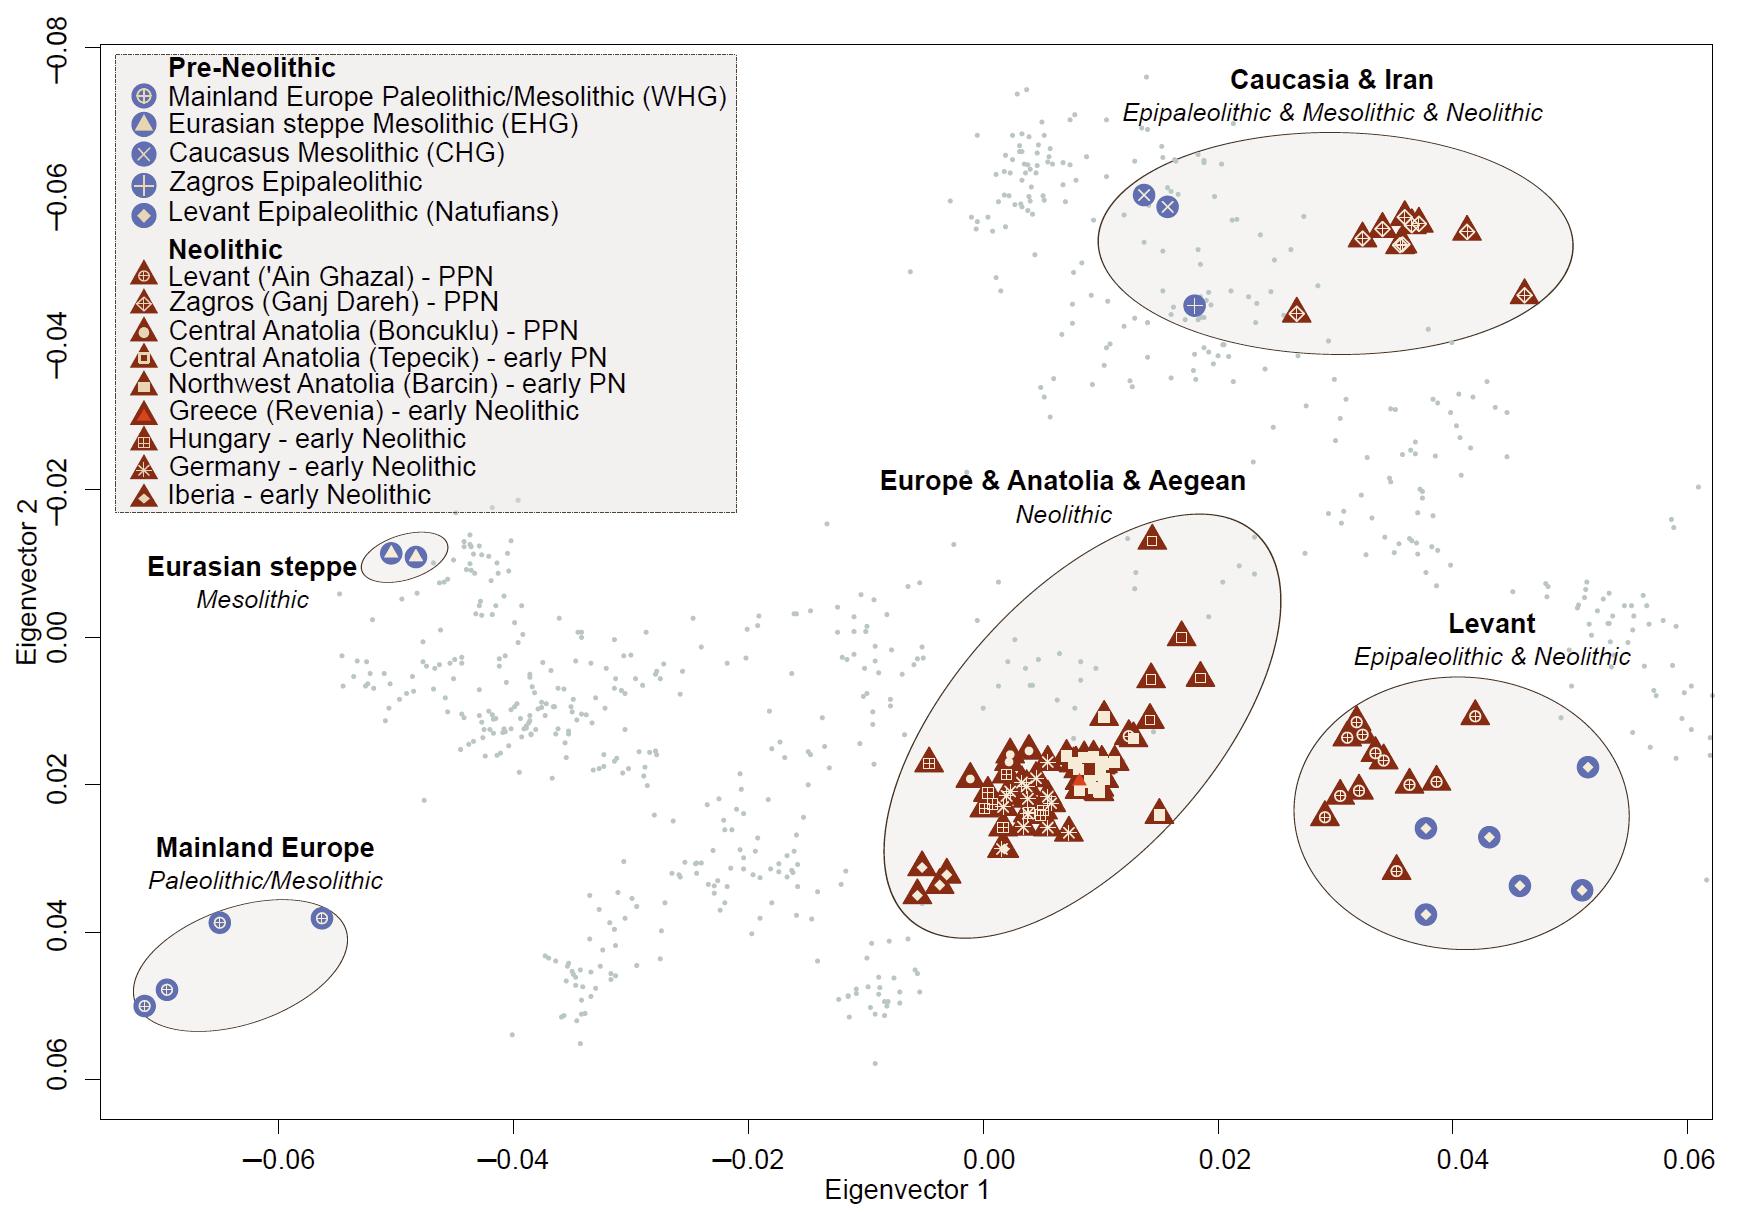 aegean-neolithic-pca